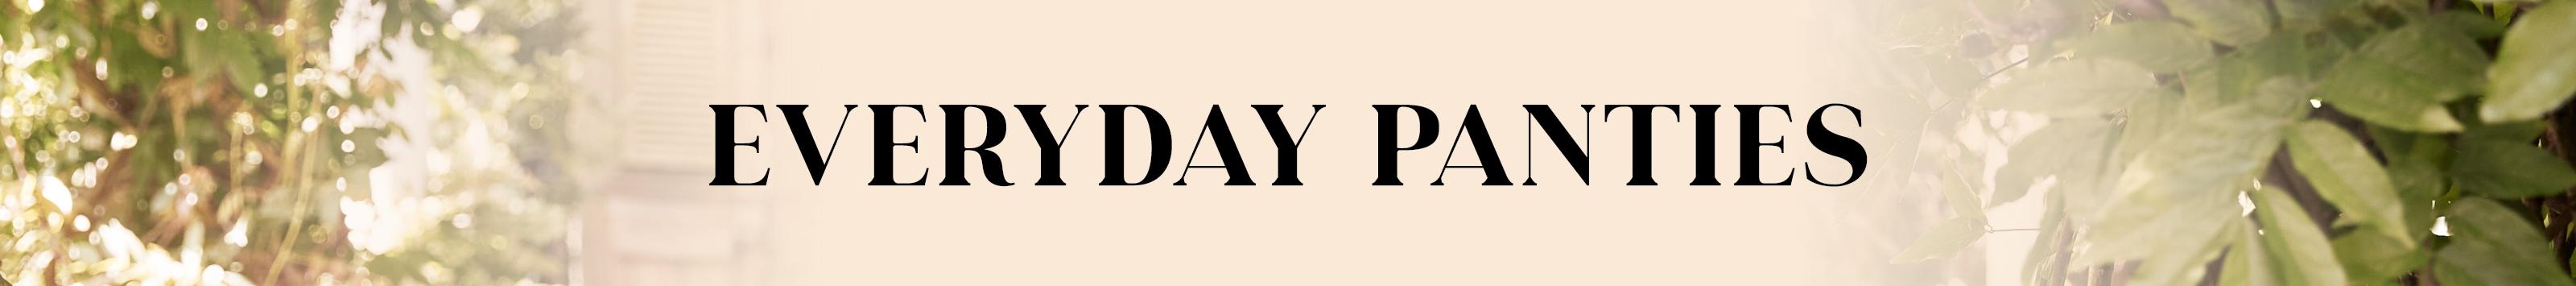 banner-category-panties-everydaypanties-1.jpg